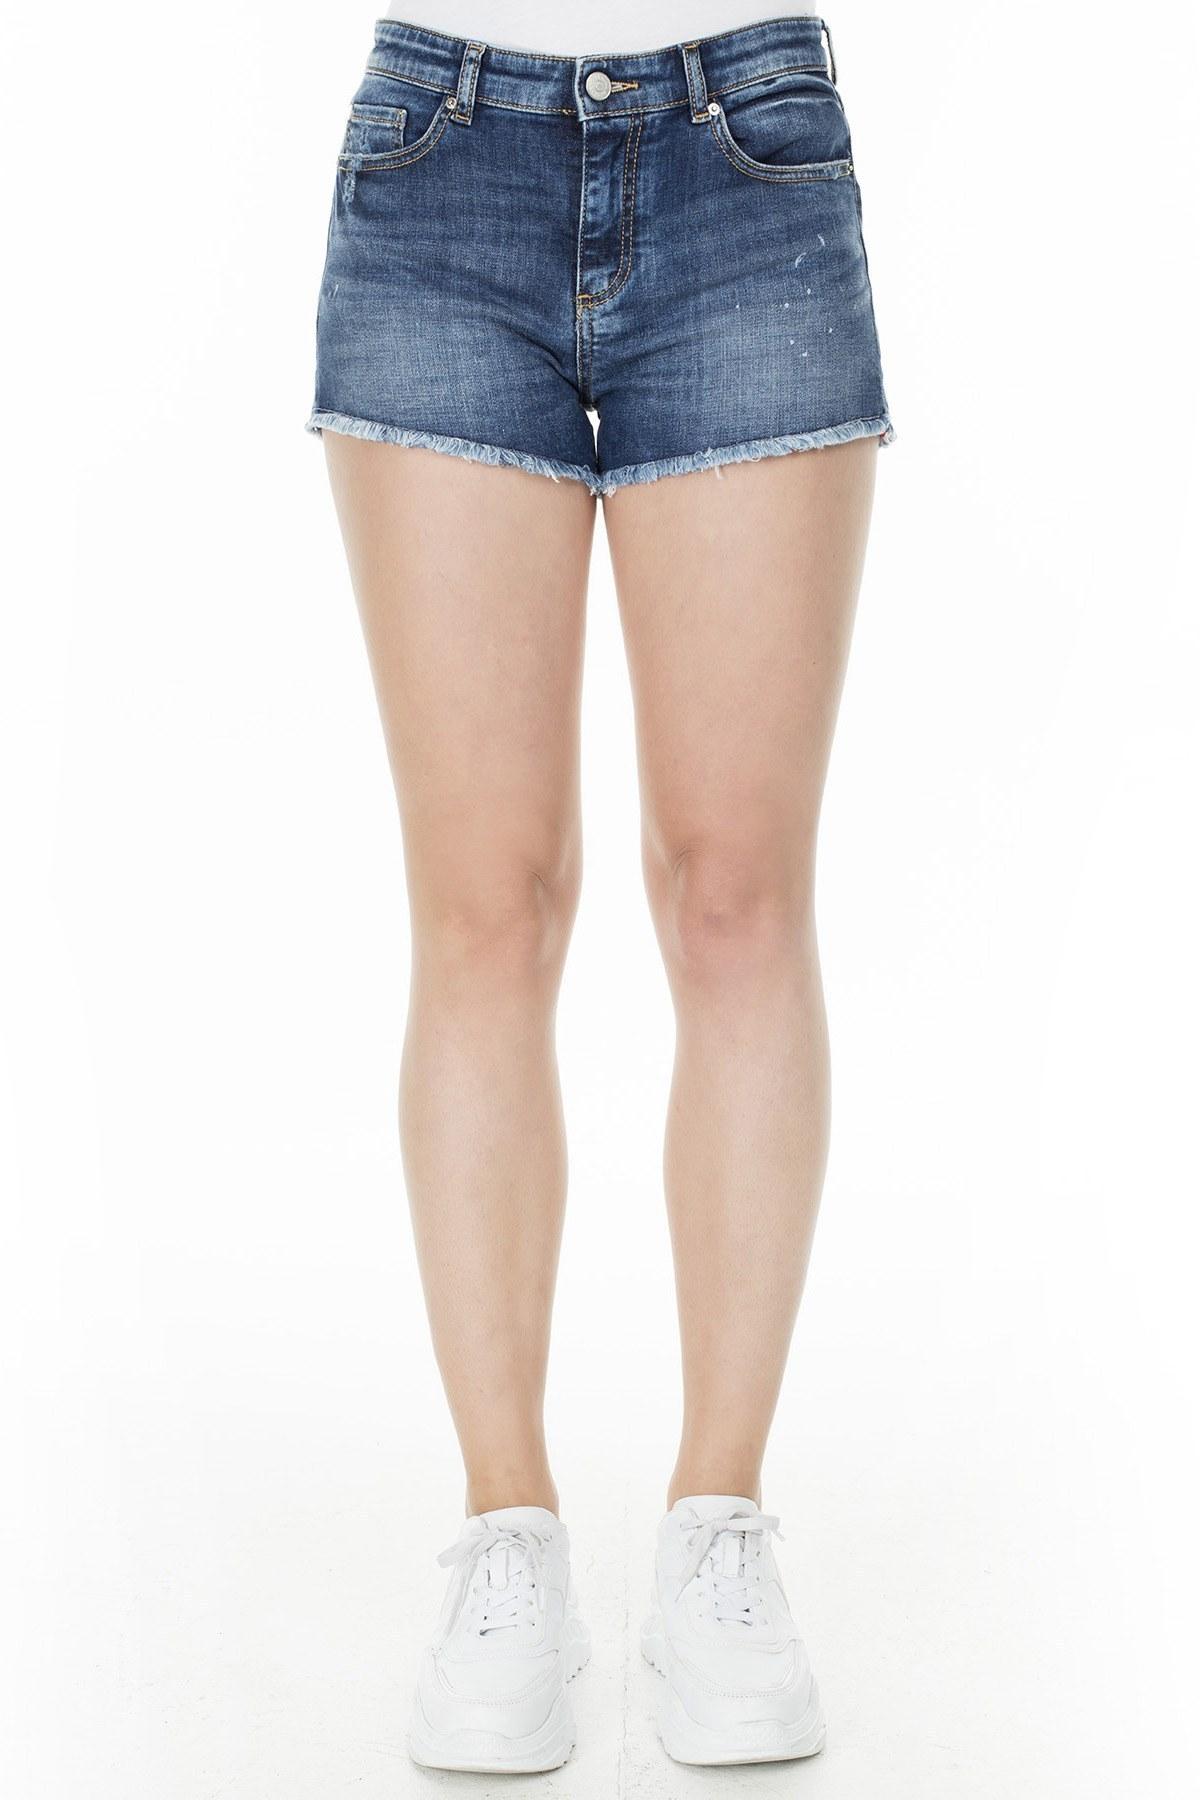 Armani Exchange J59 Jeans Bayan Short 3HYJ59 Y2NEZ 1500 LACİVERT